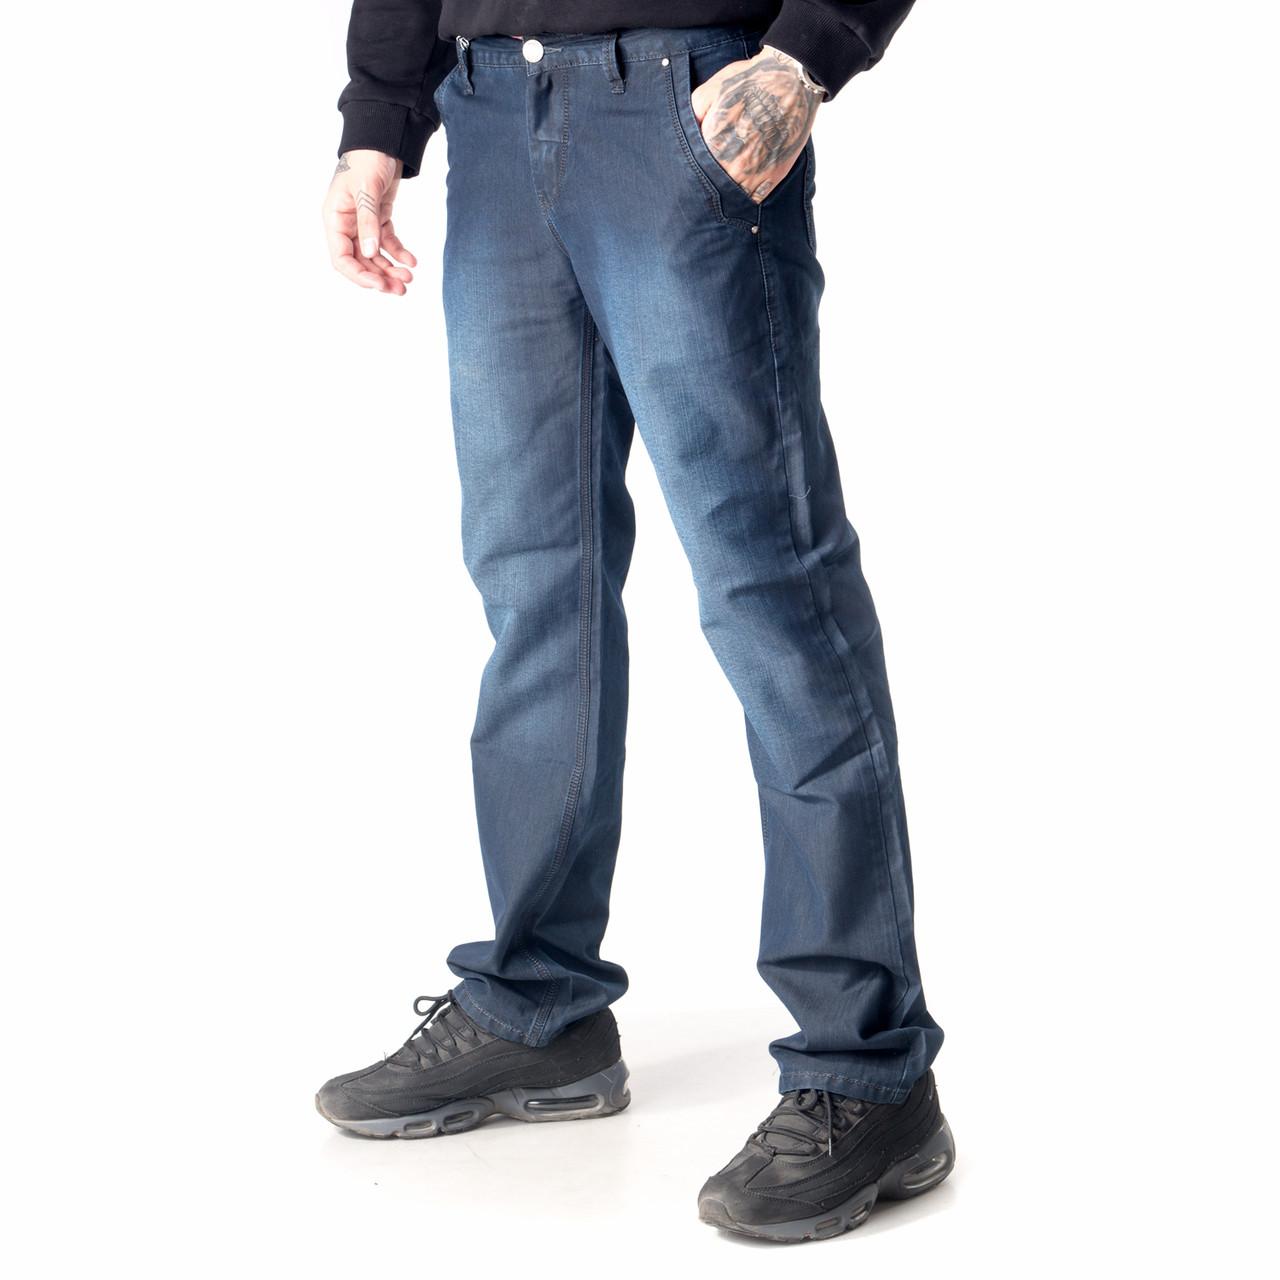 7aece3b9b9e Мужские джинсы с косыми карманами за 300 грн. Одесса - купить джинсы ...